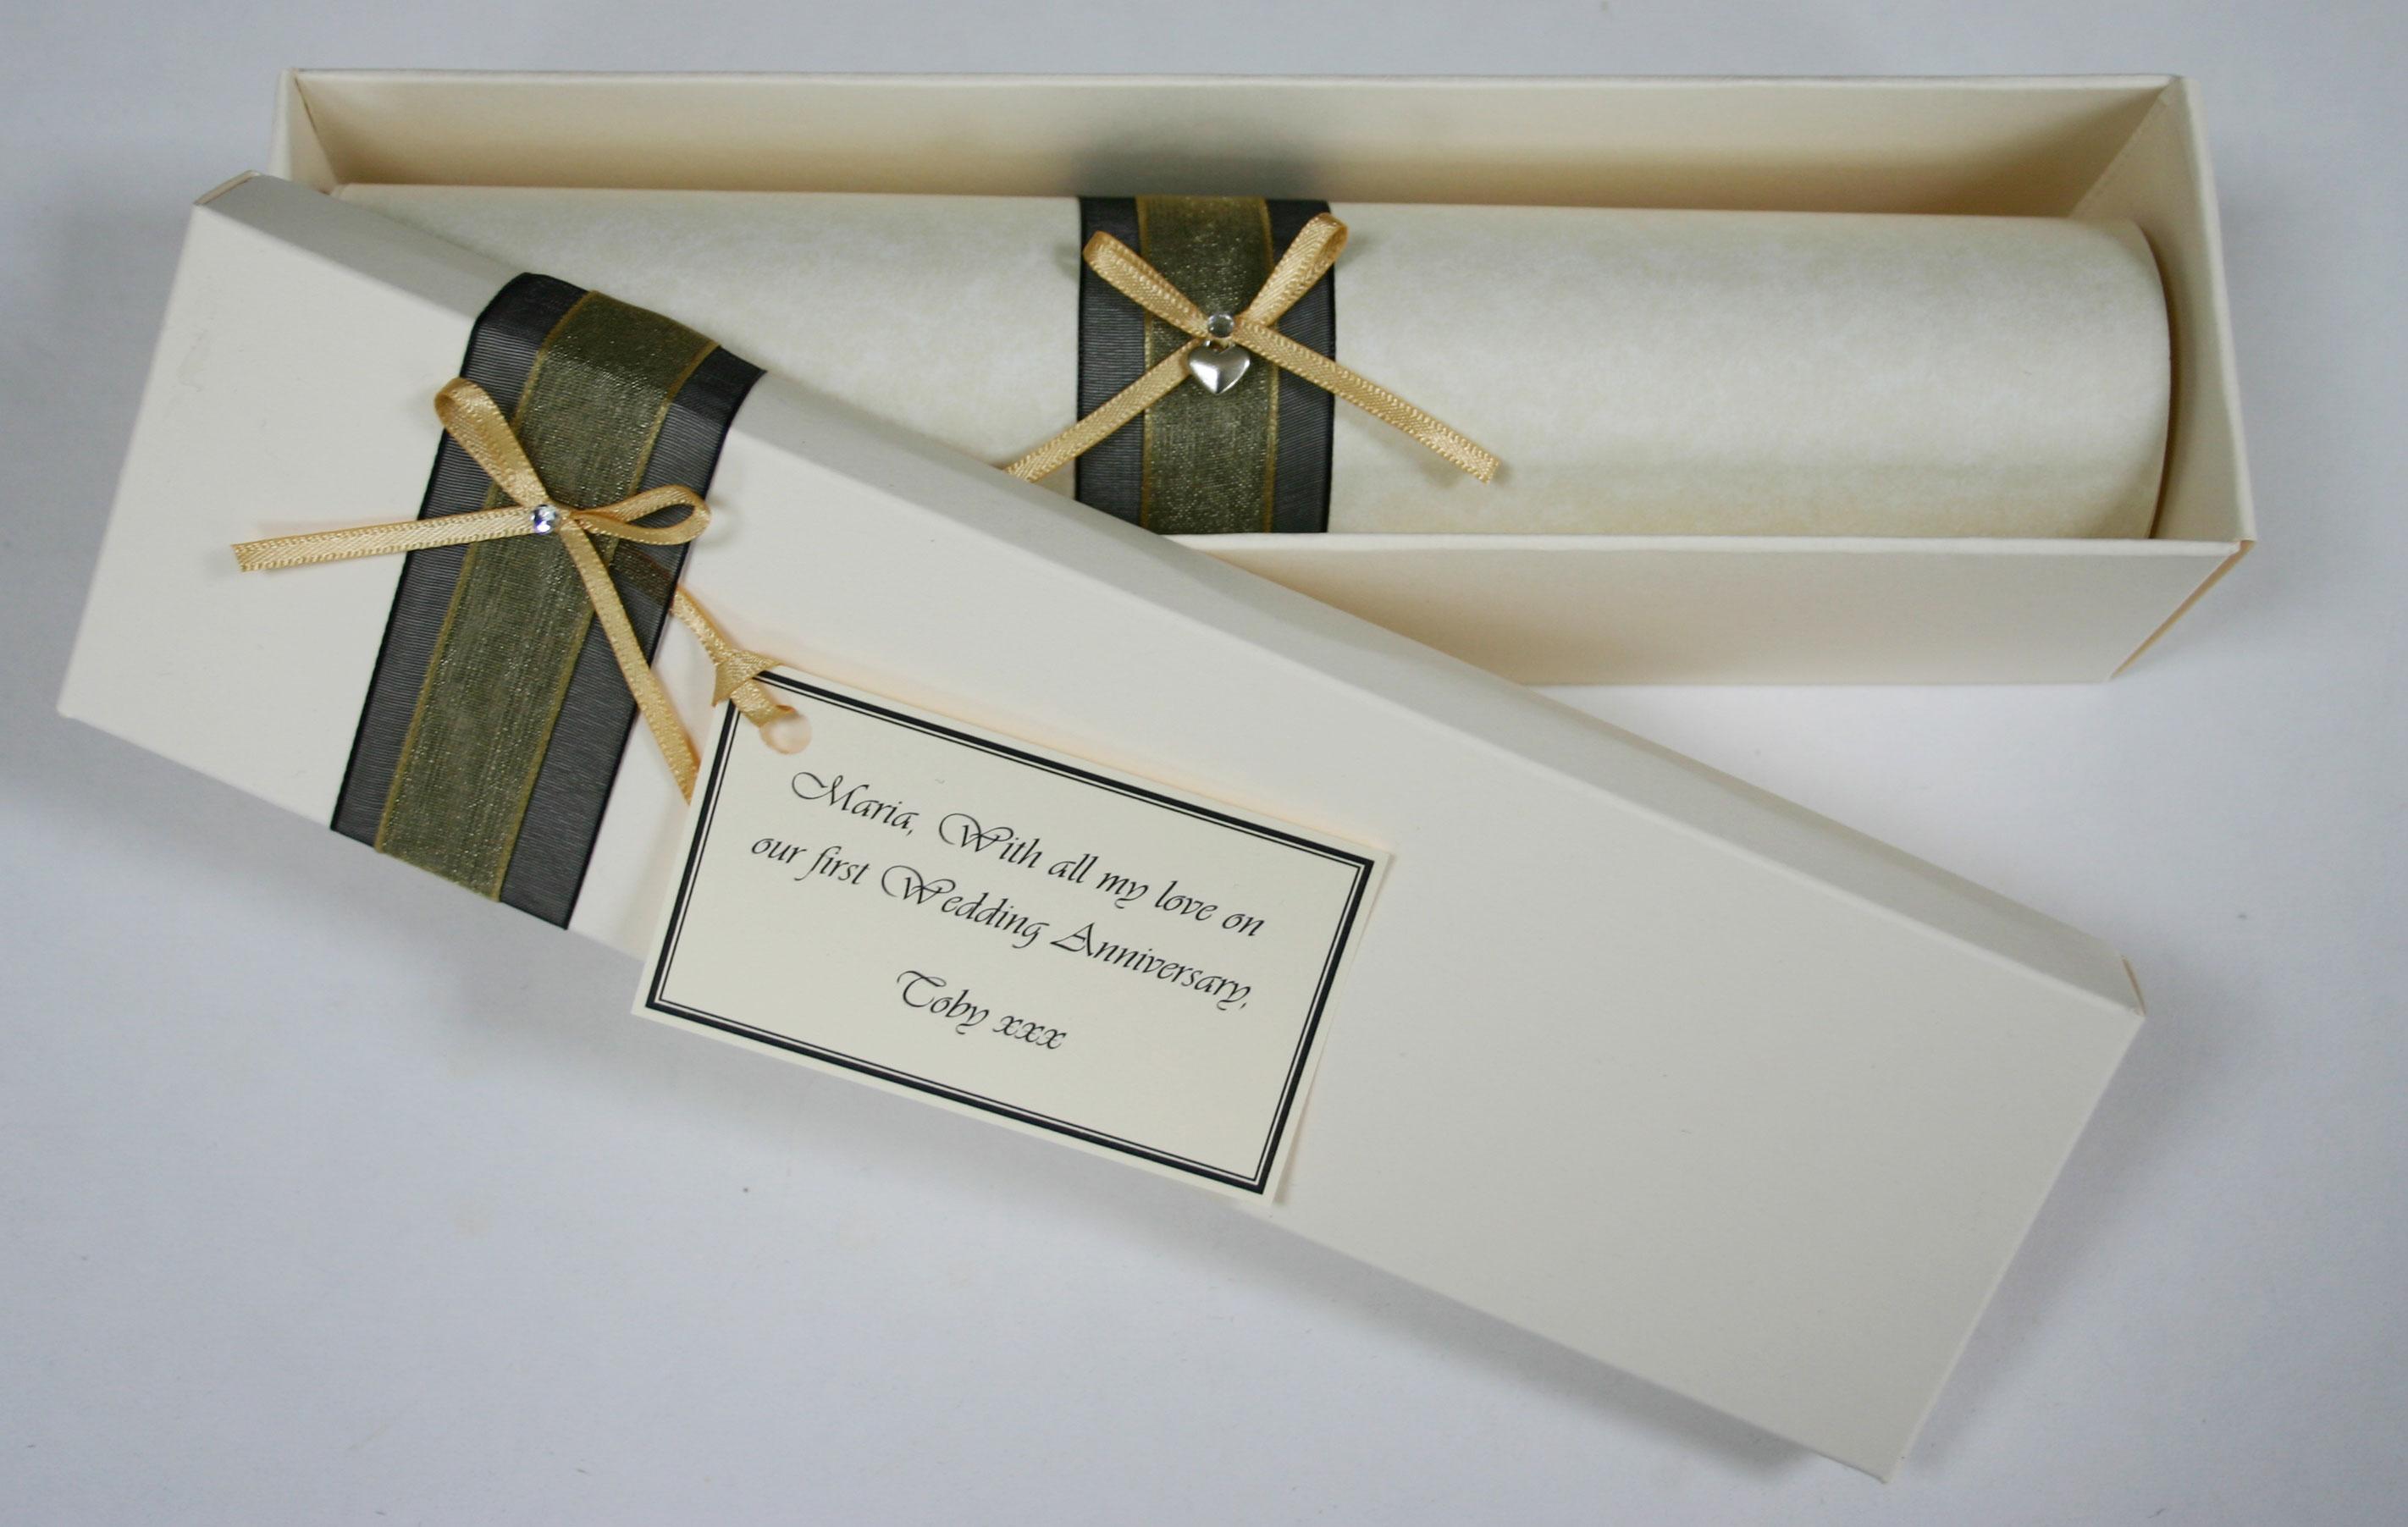 Personalised Wedding Keepsake Gifts : Personalised gift scrolls